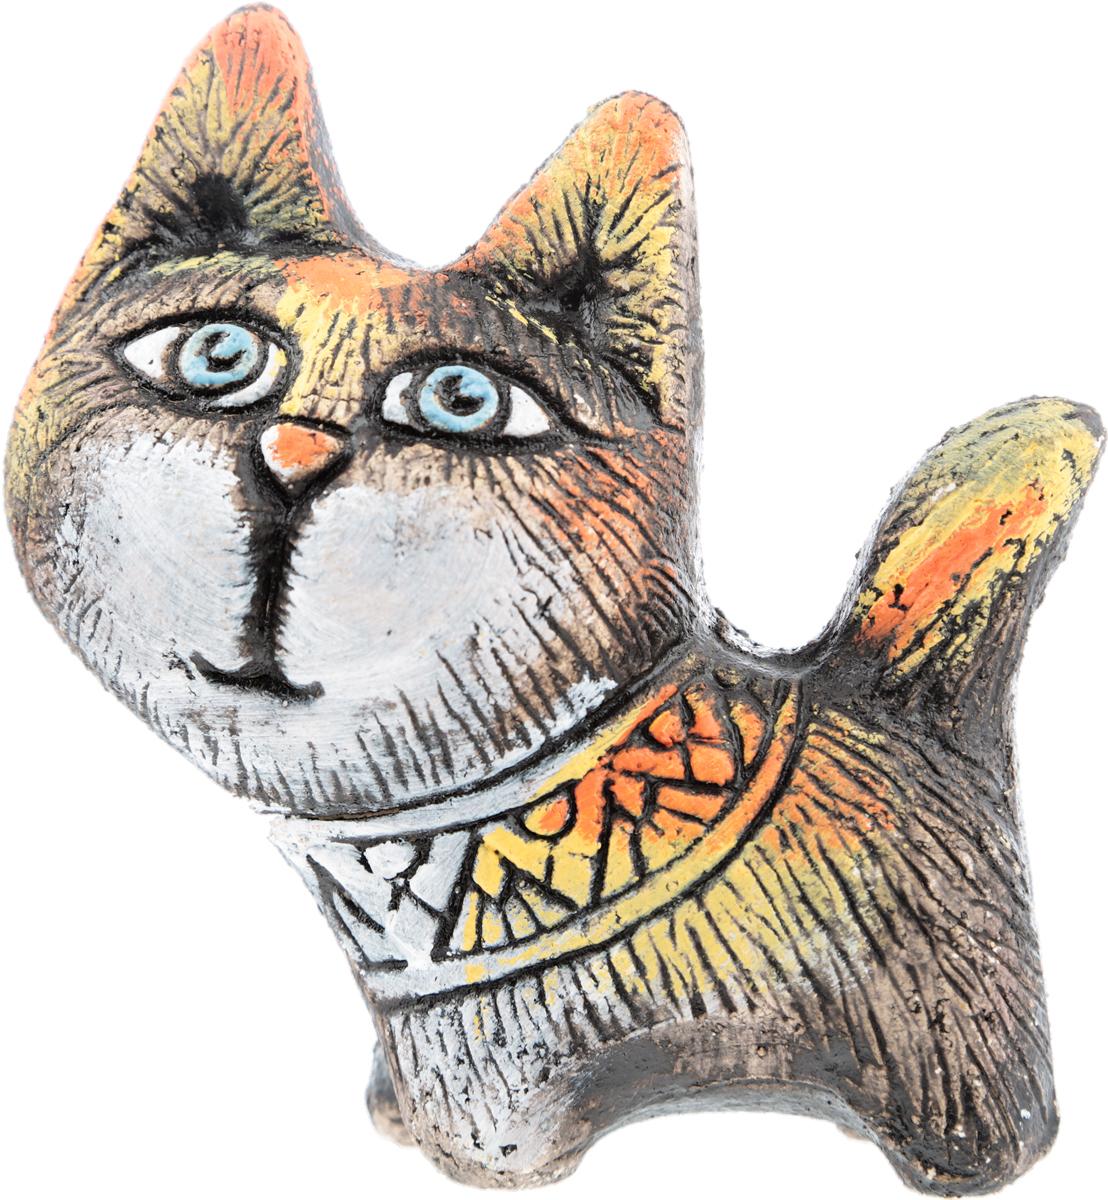 """Юрий Стукалов Статуэтка """"Кошка Южная"""", авторская работа. Шамотная глина, глазурная и ангобная роспись, ручная работа. Высота 13 см"""